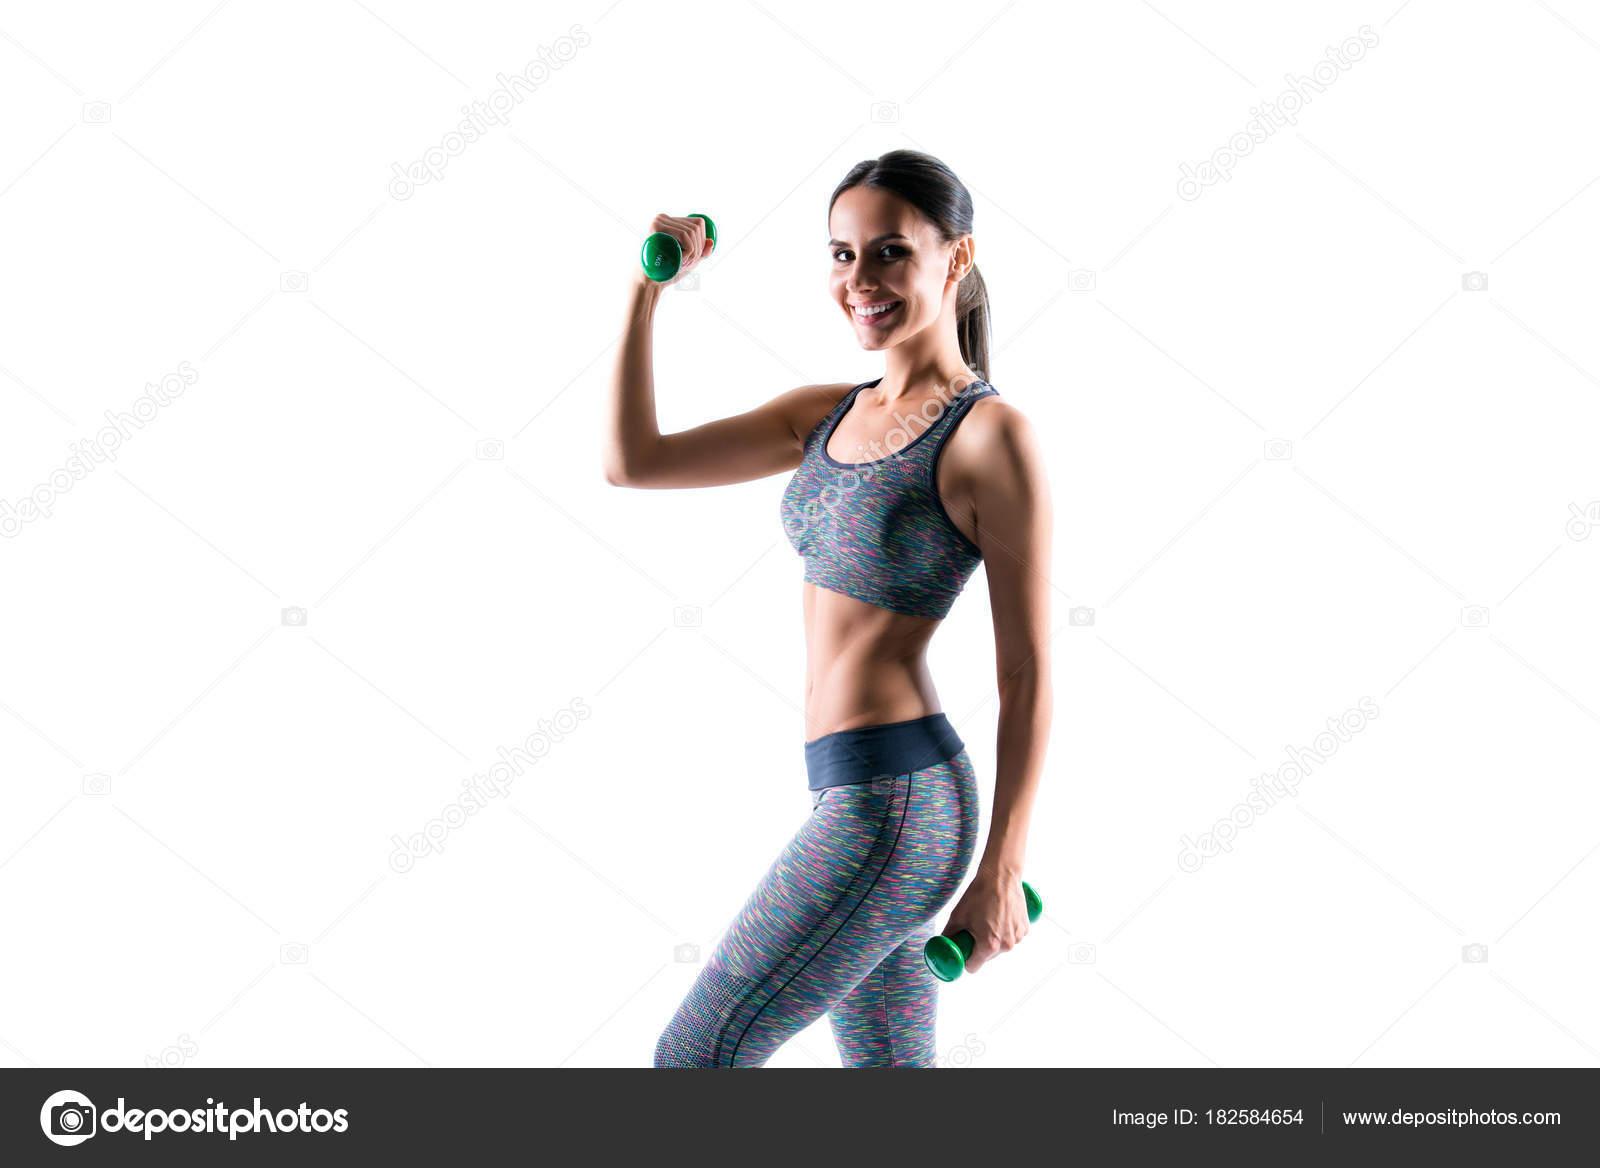 8b908ebb947ff9 Attraktive schöne sportliche gesunde Frau tragen enge Kleidung tut Übungen  mit Hanteln, isoliert auf weißem Hintergrund — Foto von ...